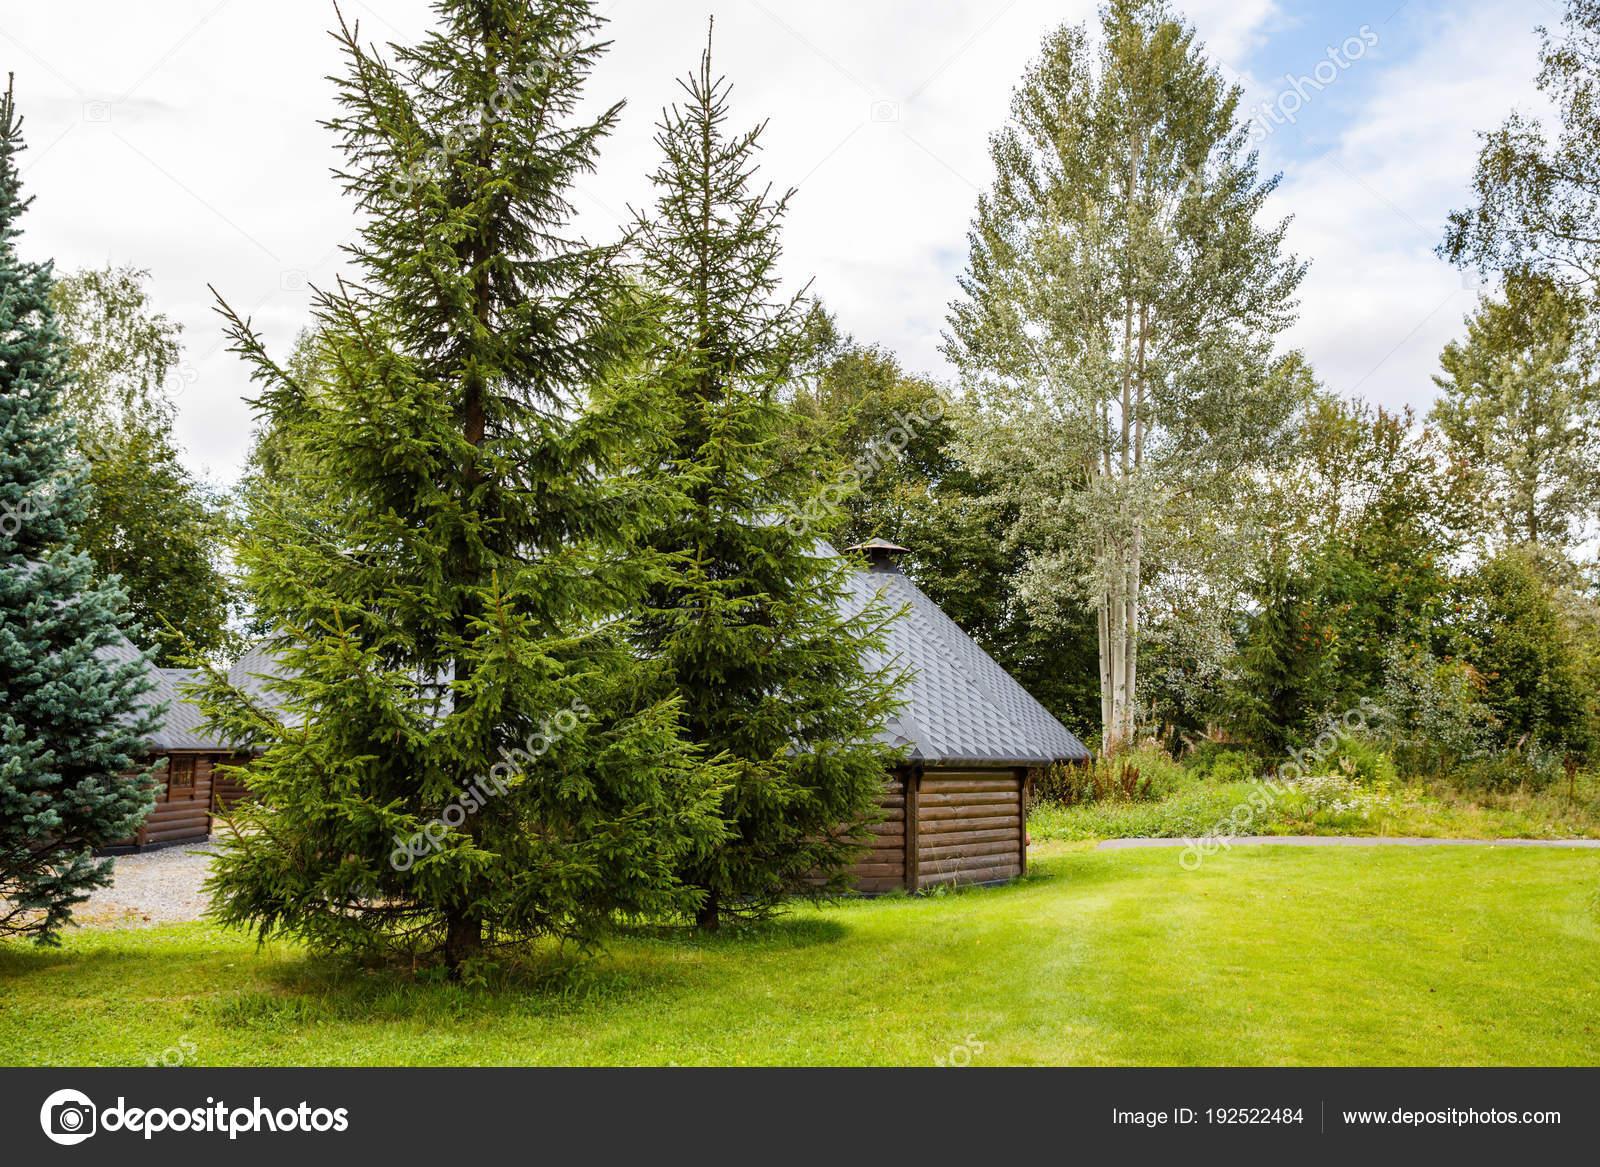 Paisaje Con Cabanas Madera Arboles Noruega Fotos De Stock - Cabaas-de-madera-en-arboles